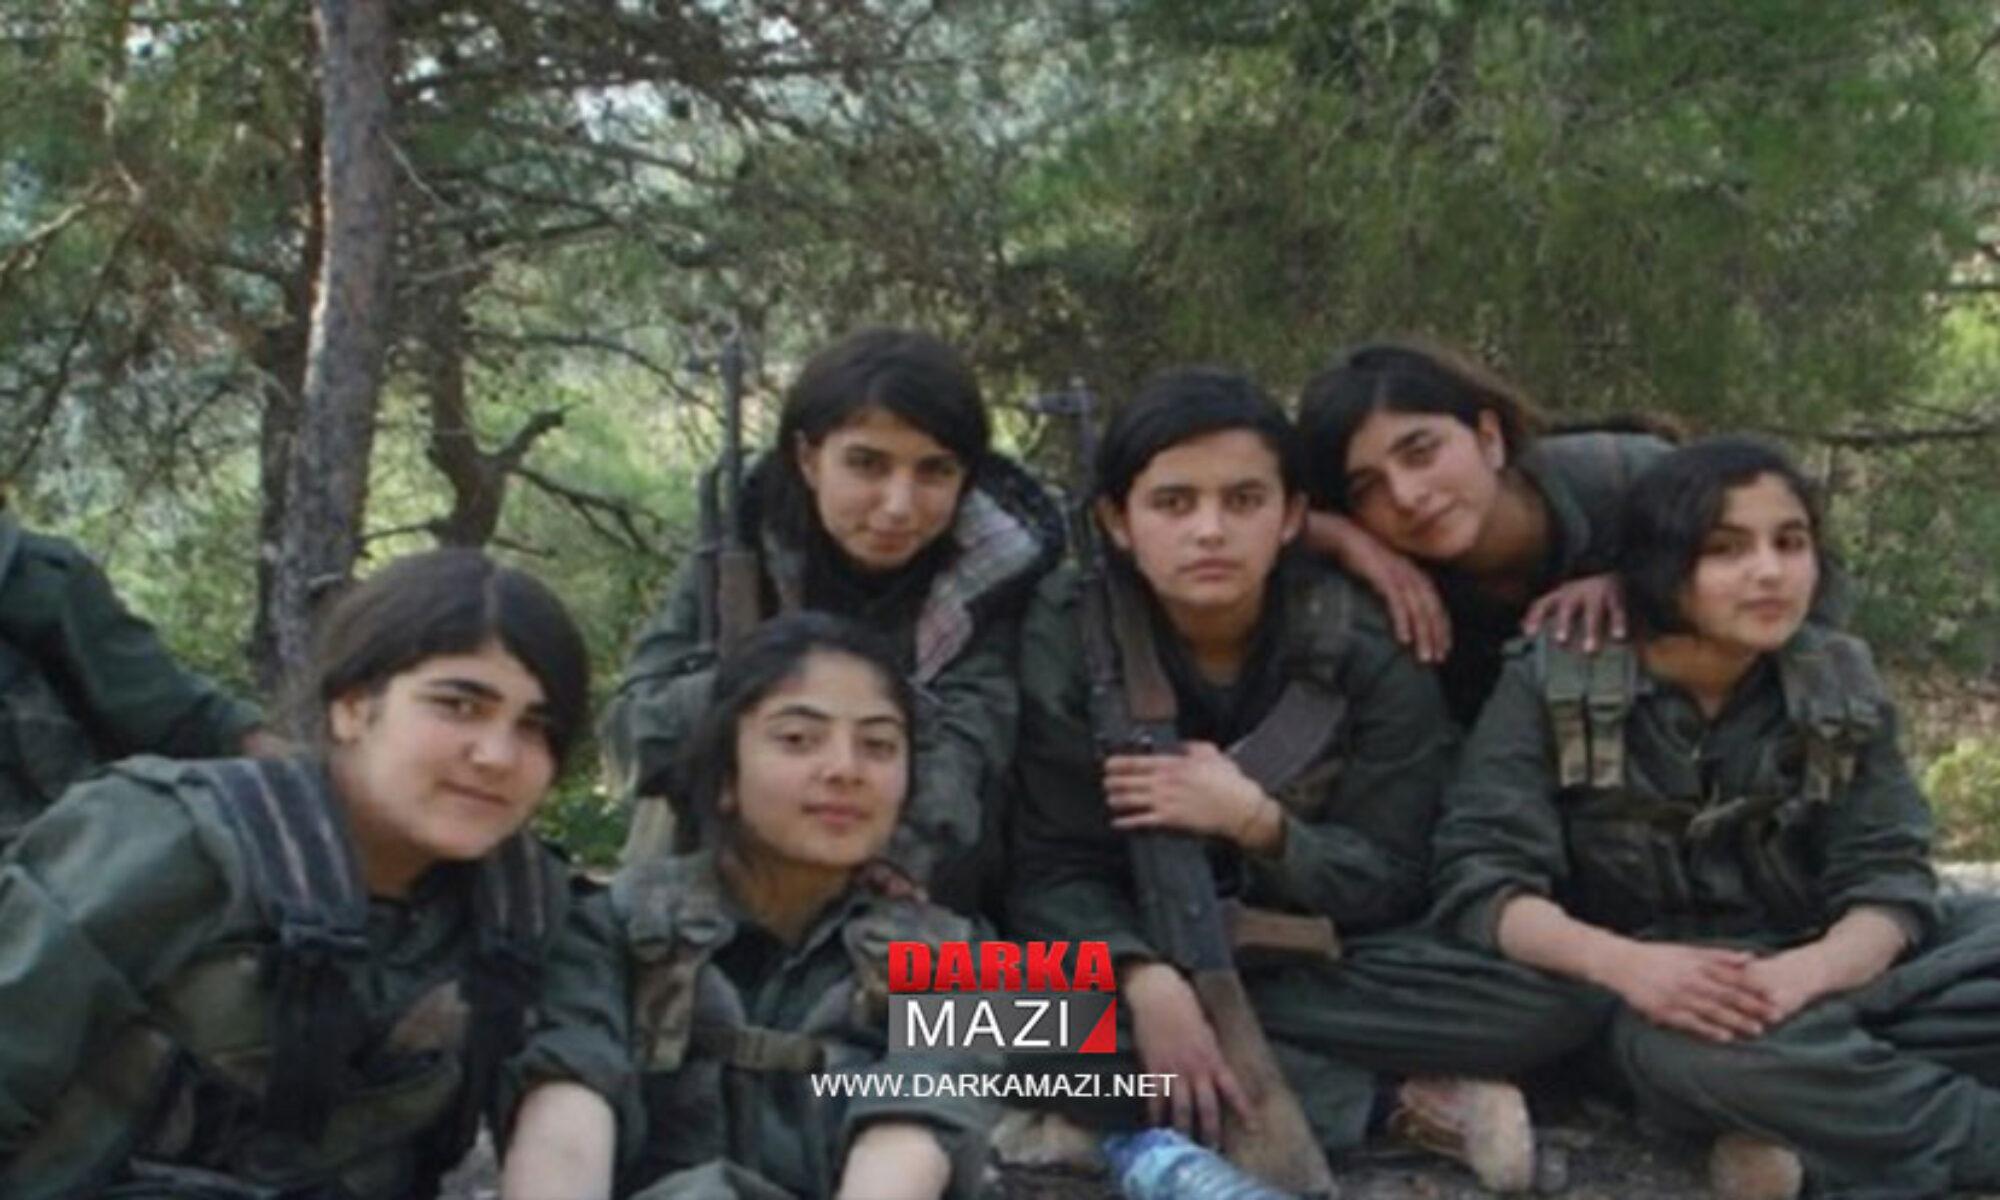 PKK'nin çocuk savaşçıları ABD Dışişleri Bakanlığı'nın yıllık raporuna geçti